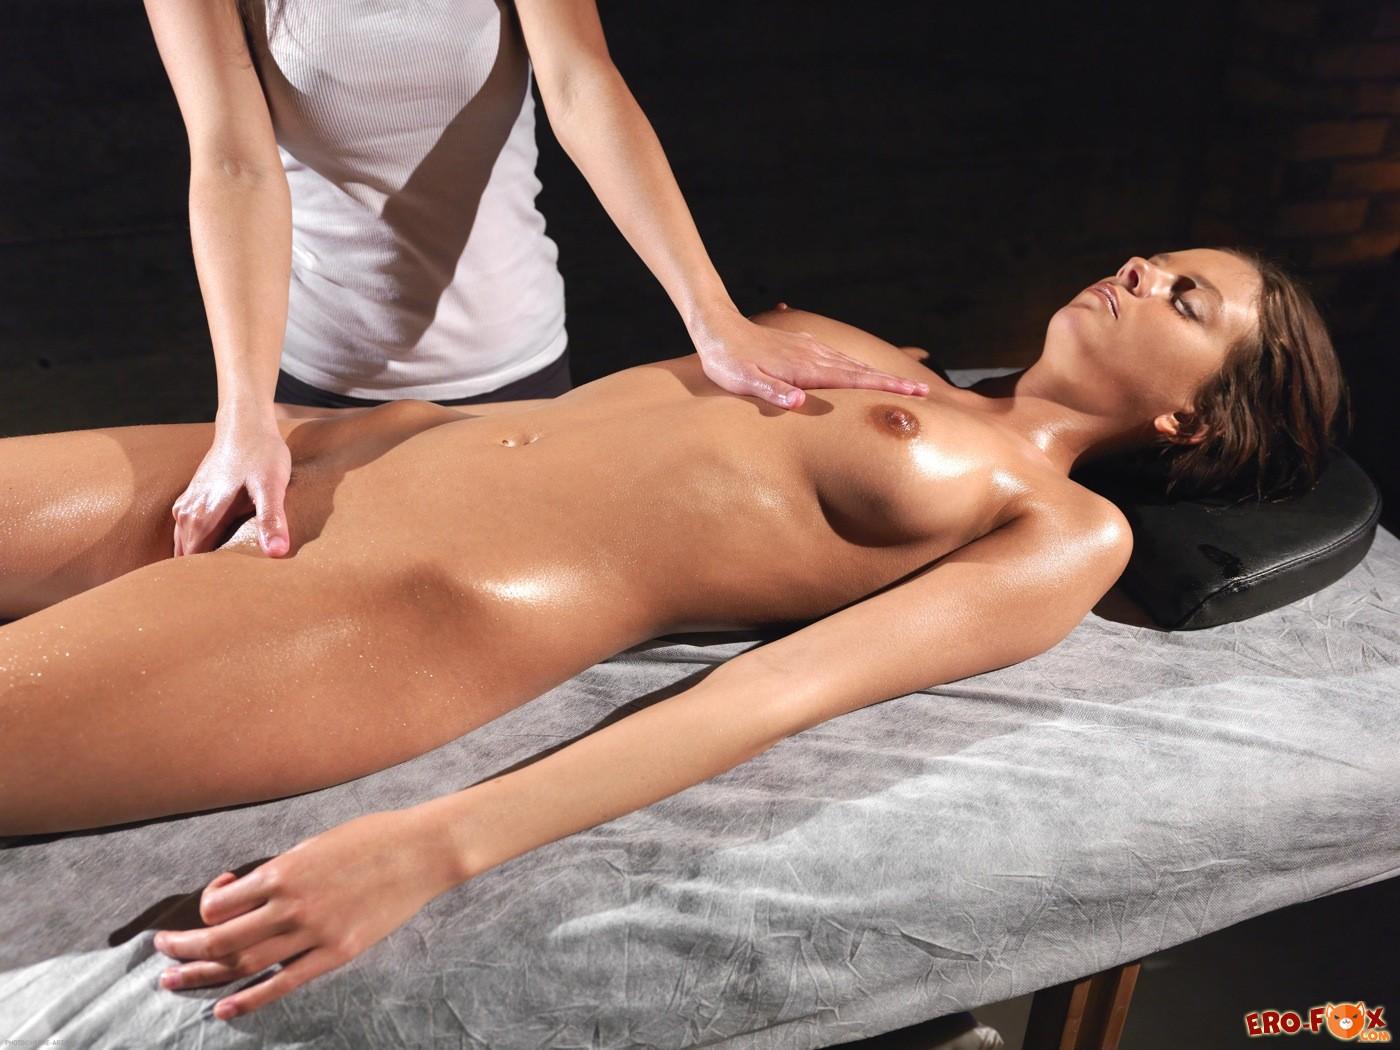 Девушка натирает другую маслом на массаже - фото